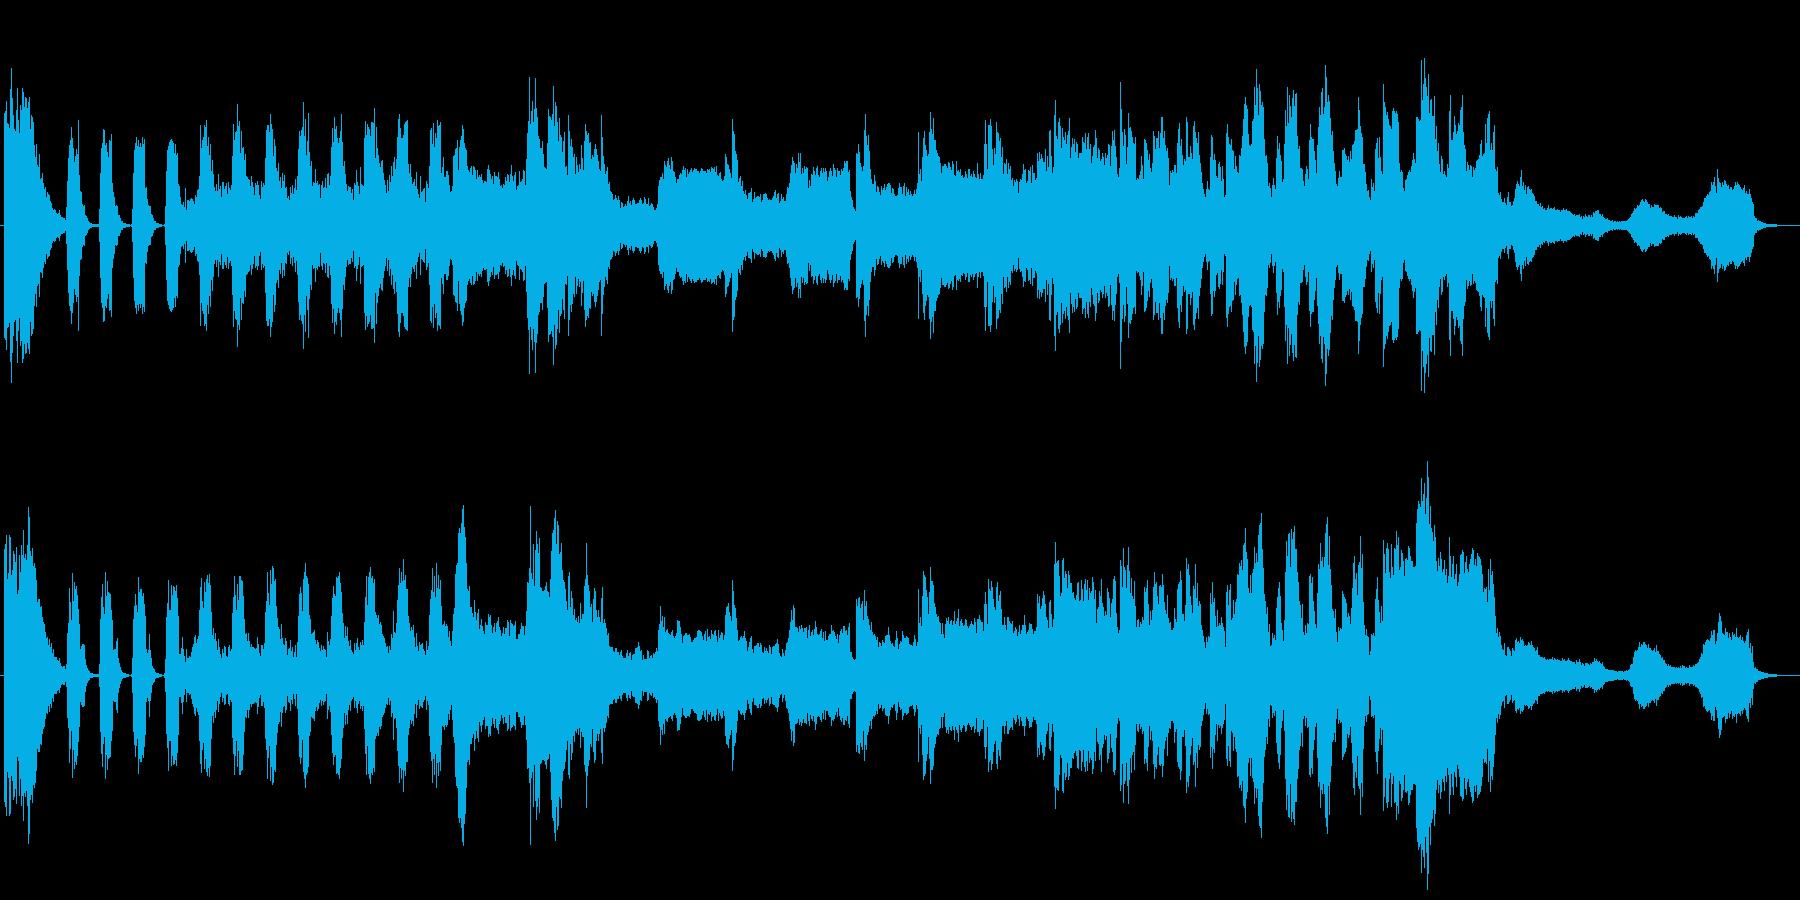 終焉をイメージしたBGMの再生済みの波形